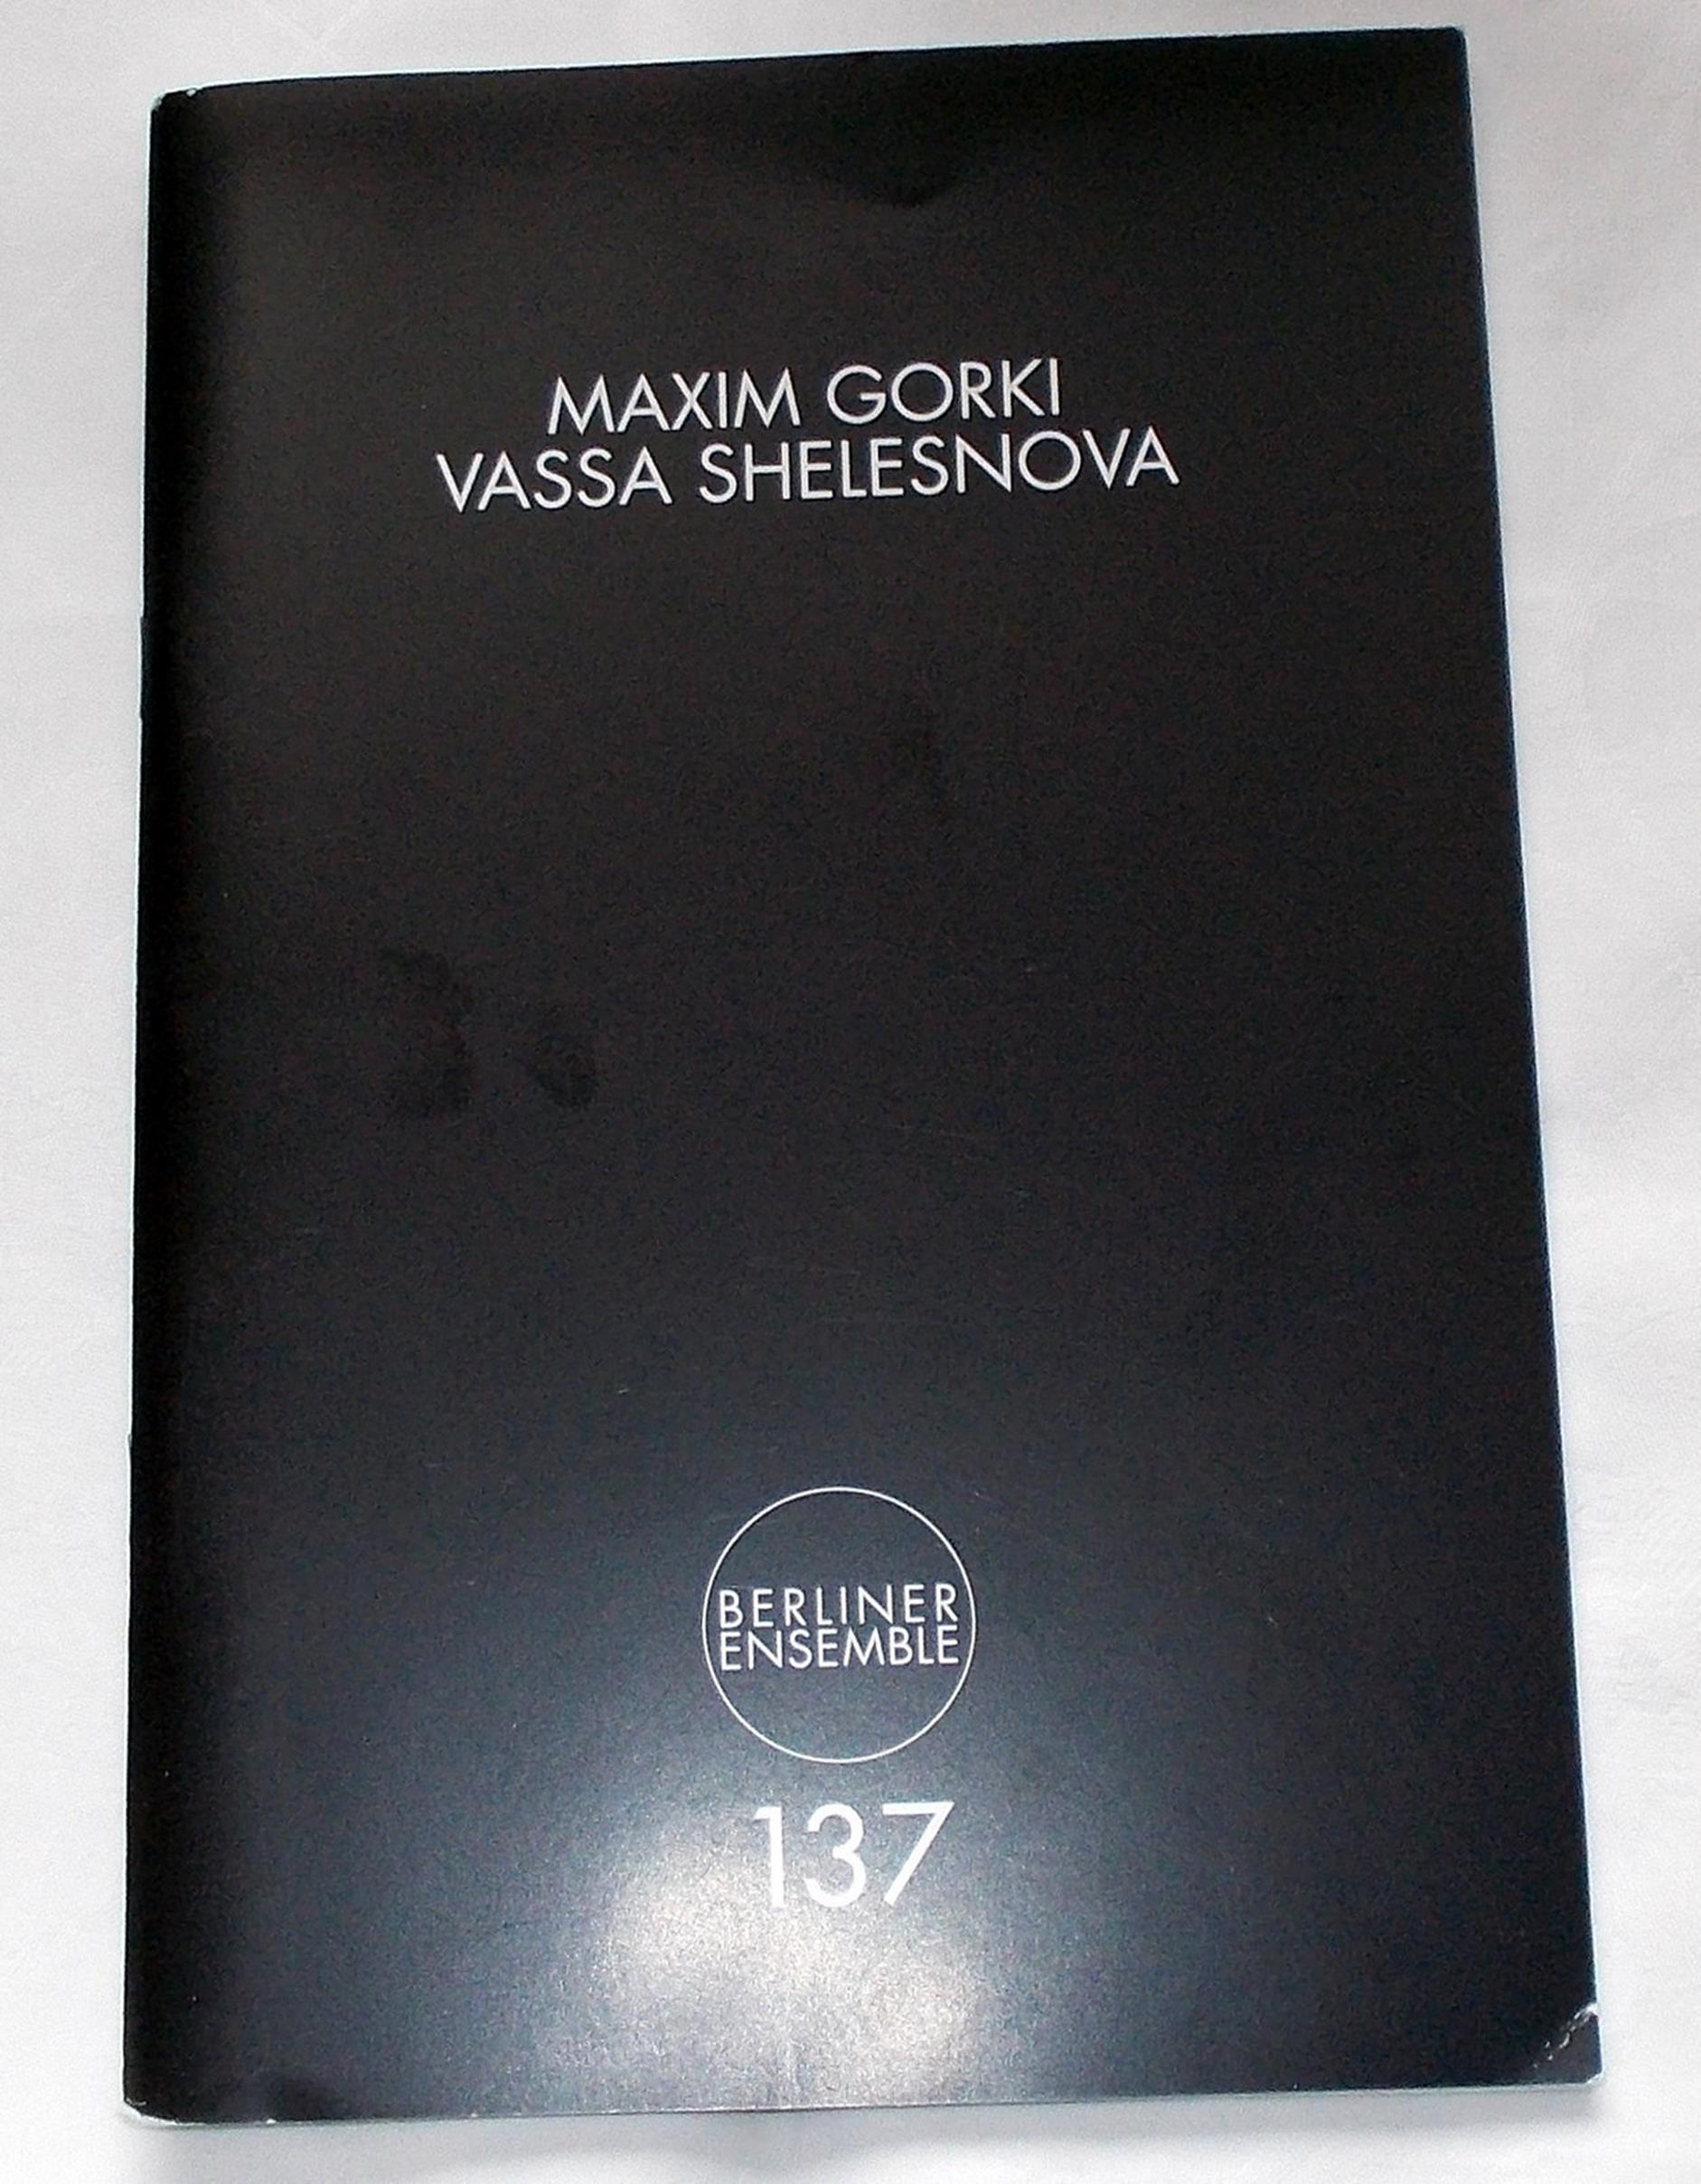 Programmheft Vassa Shelesnova von Maxim Gorki. Berliner Ensemble 2012